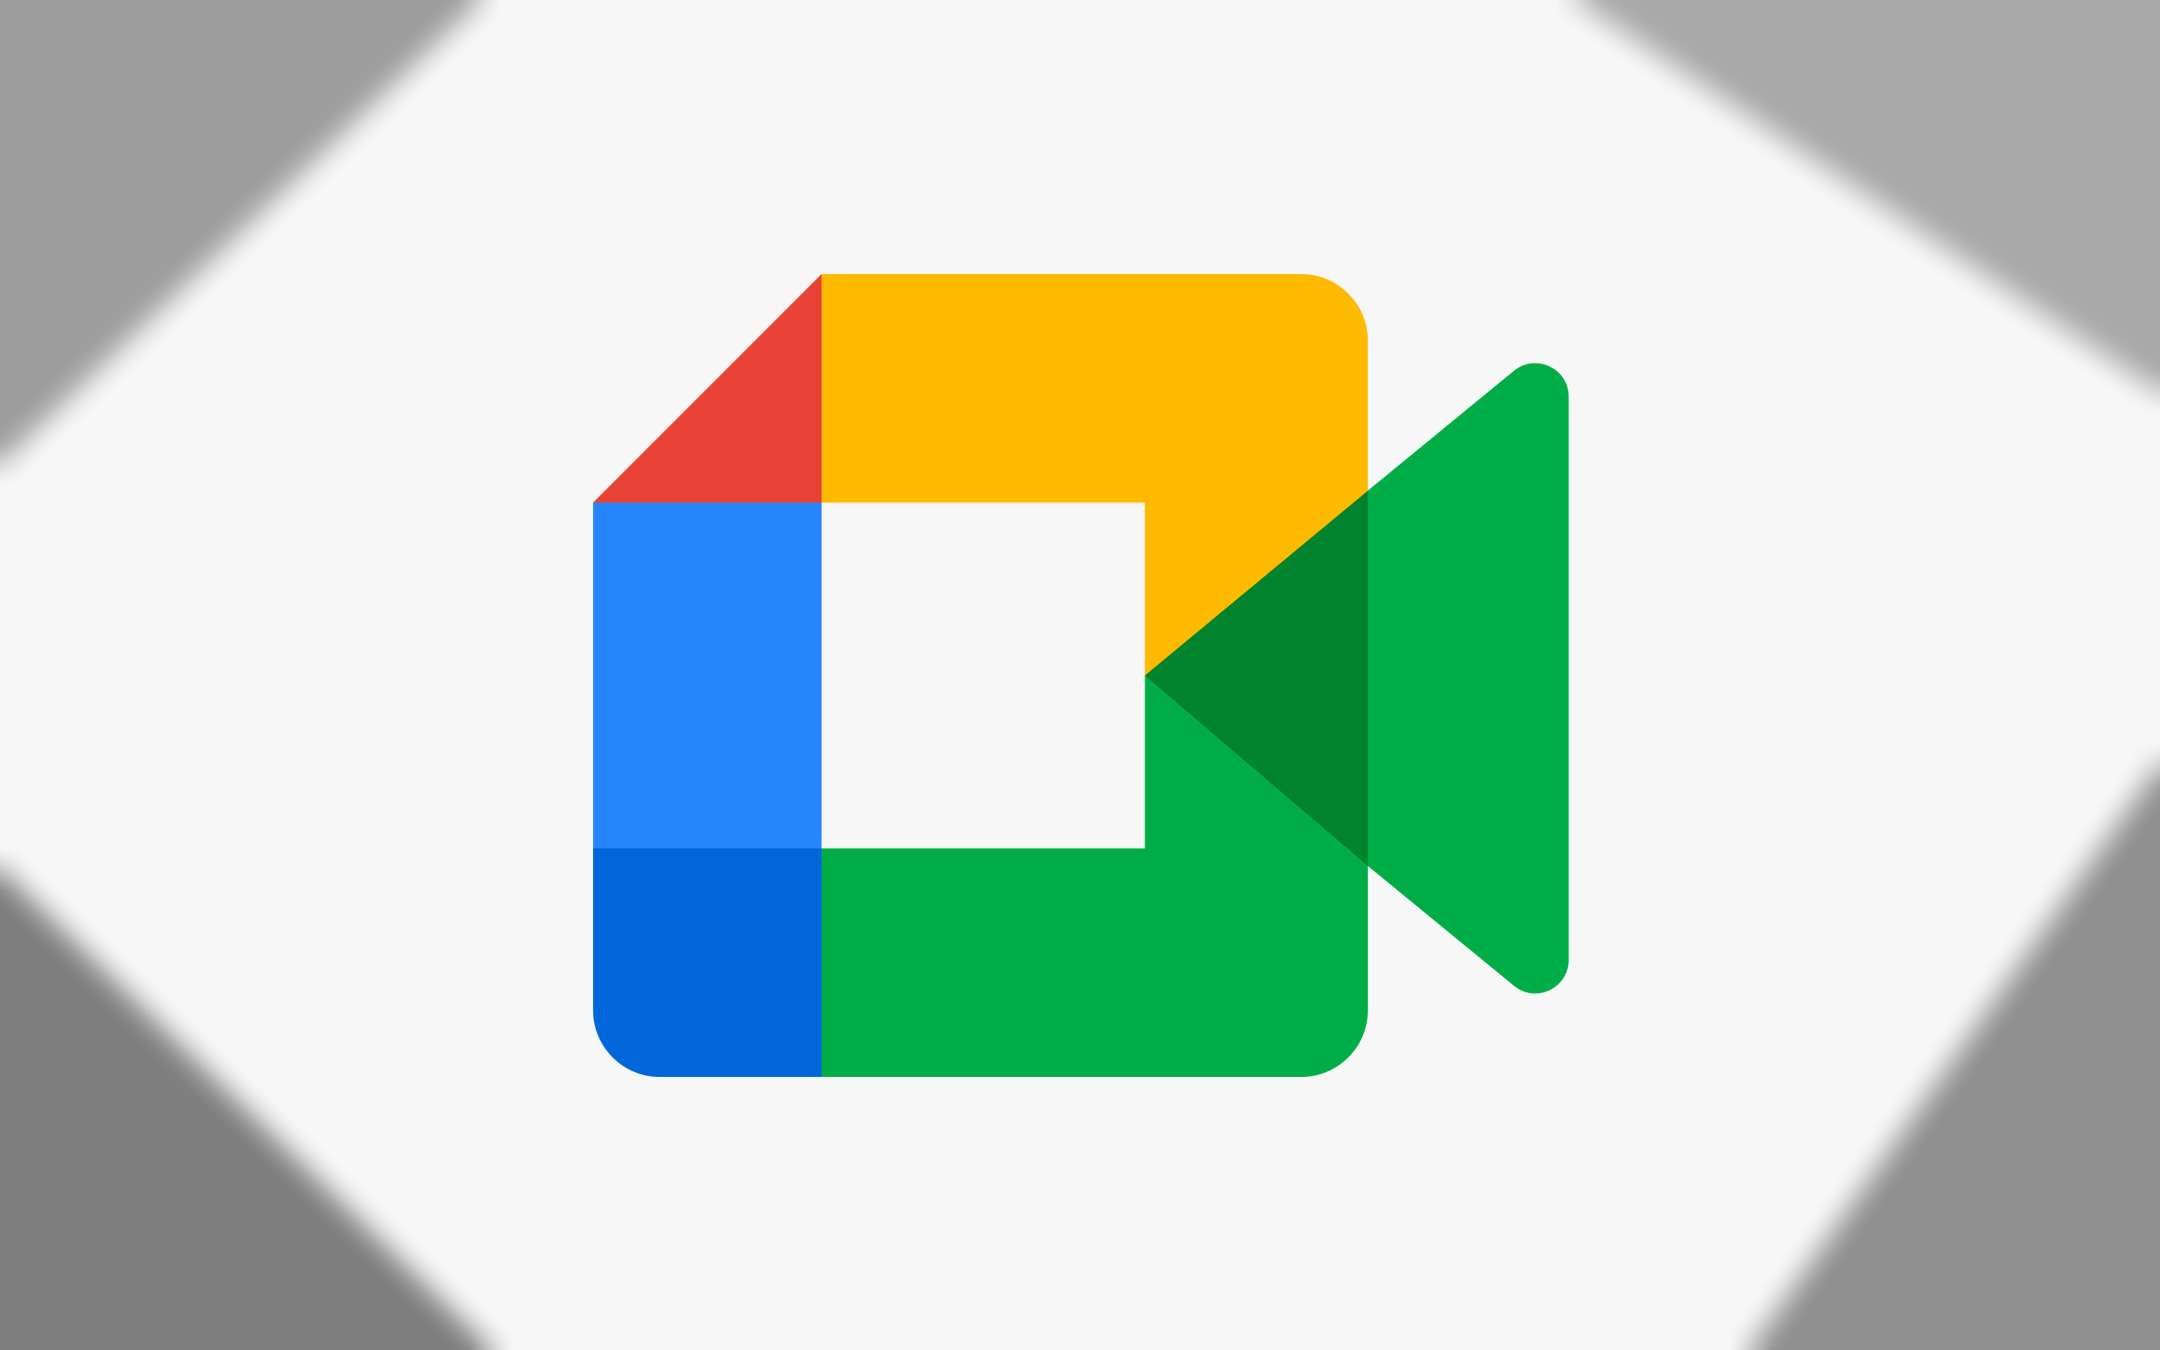 Meet: notifications hidden by sharing the screen